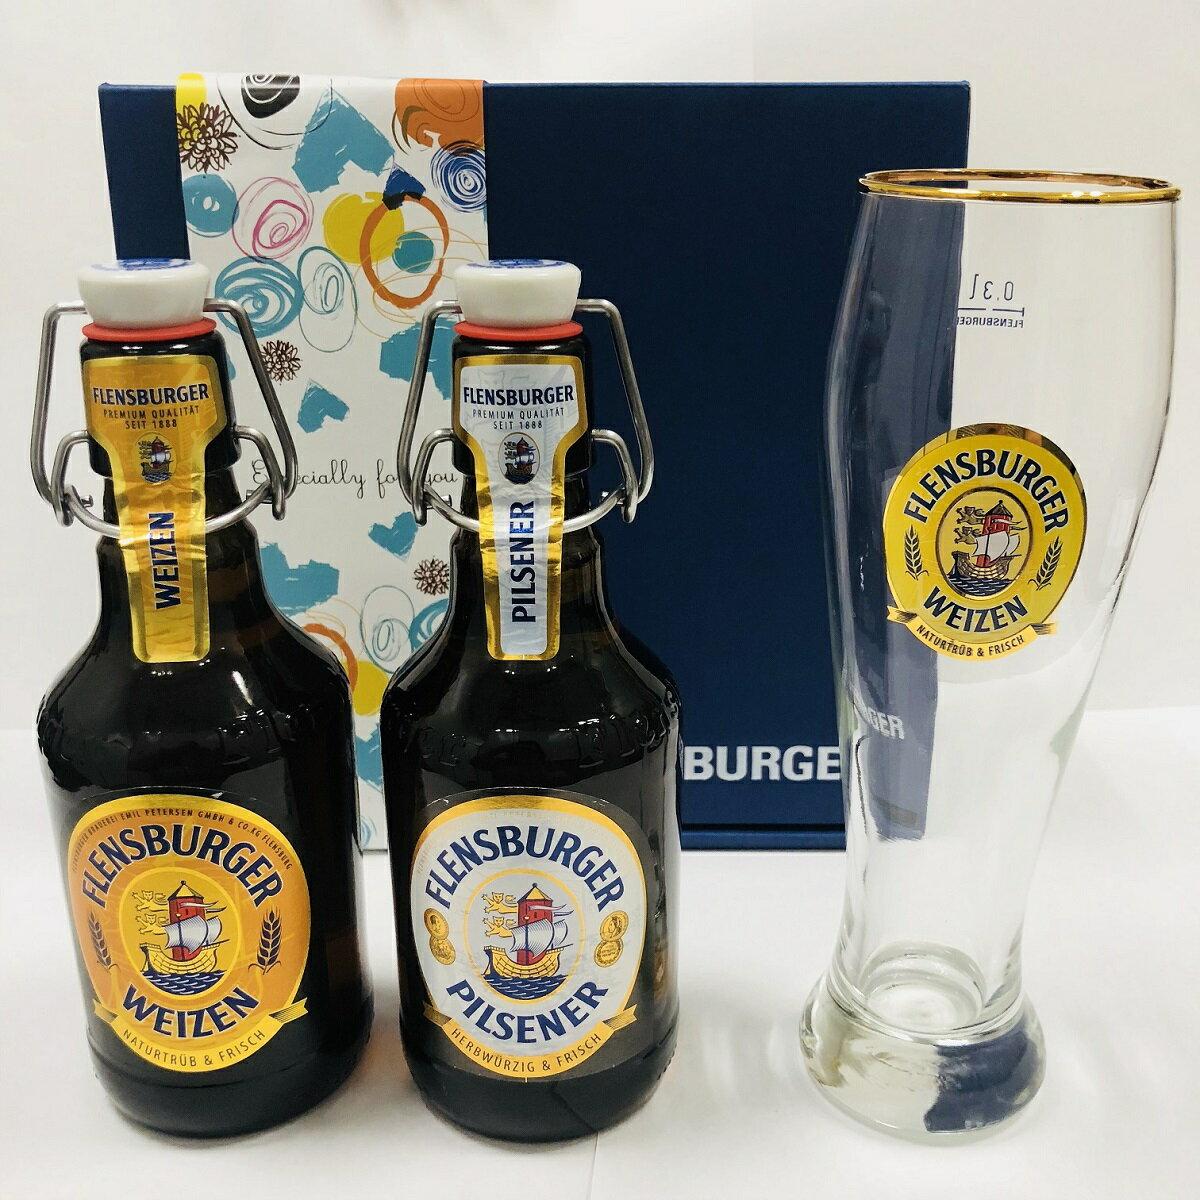 敬老の日【ギフトセット】フレンスブルガー330ml×2本&グラスセット送料無料 輸入ビール ドイツビール 敬老 プレゼント